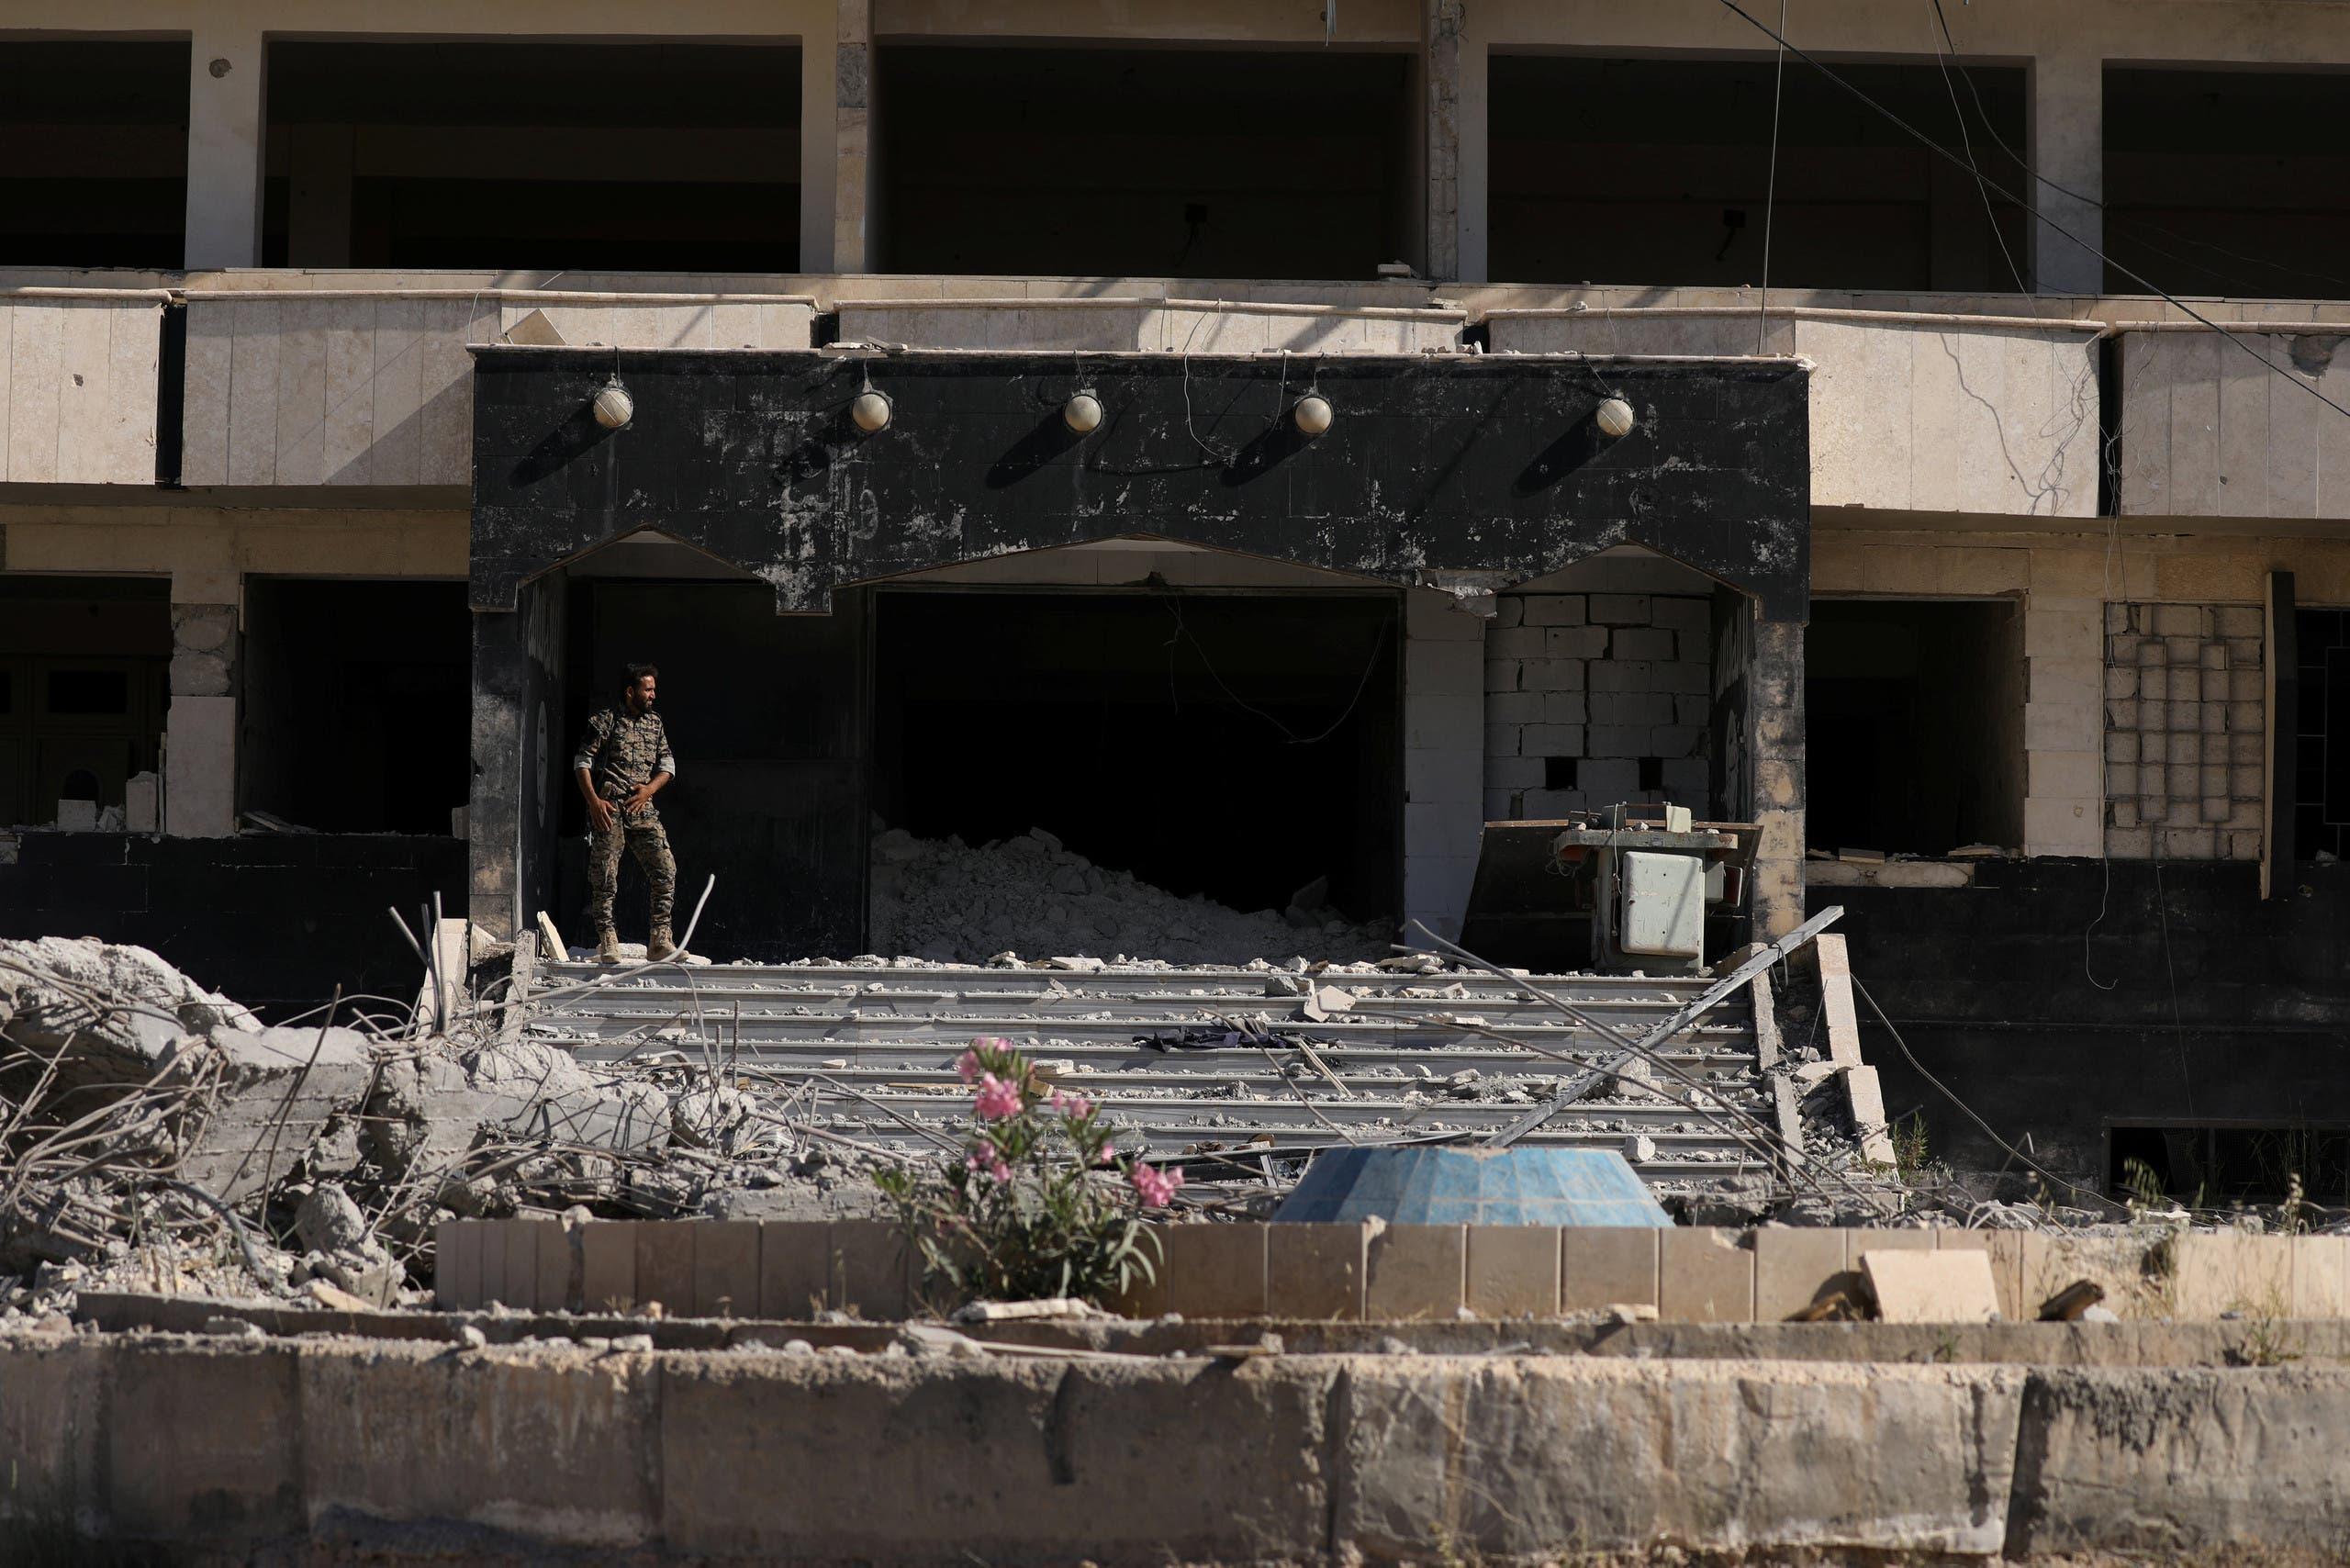 أحد عناصر قوات سوريا الديمقراطية في الطبقة